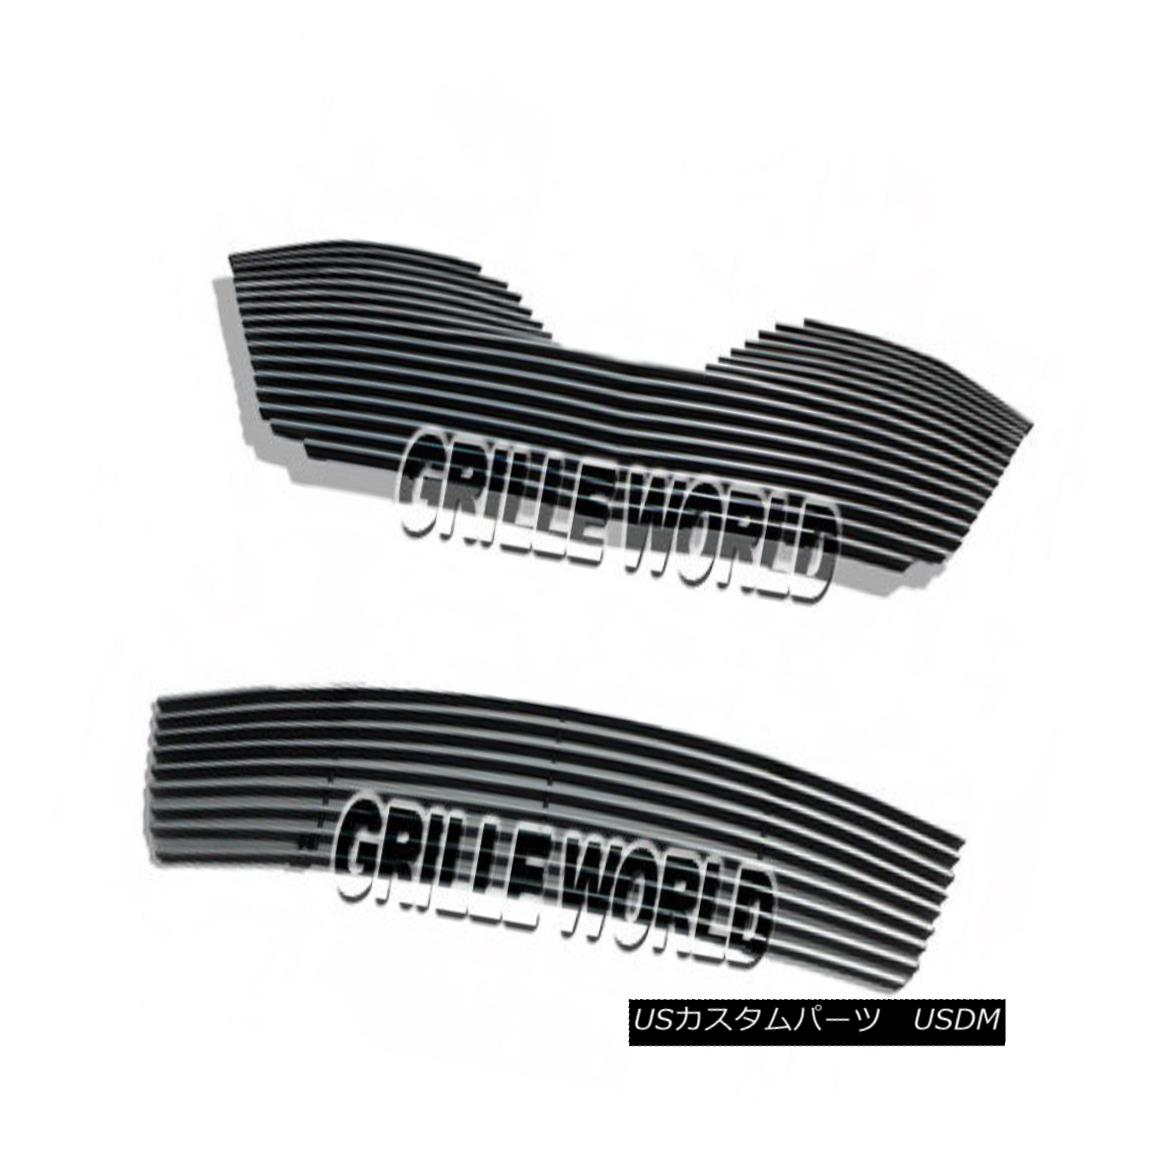 グリル Customized For 10-11 Toyota Camry Billet Premium Grille Combo Insert トヨタカムリビレットプレミアムグリルコンボインサート